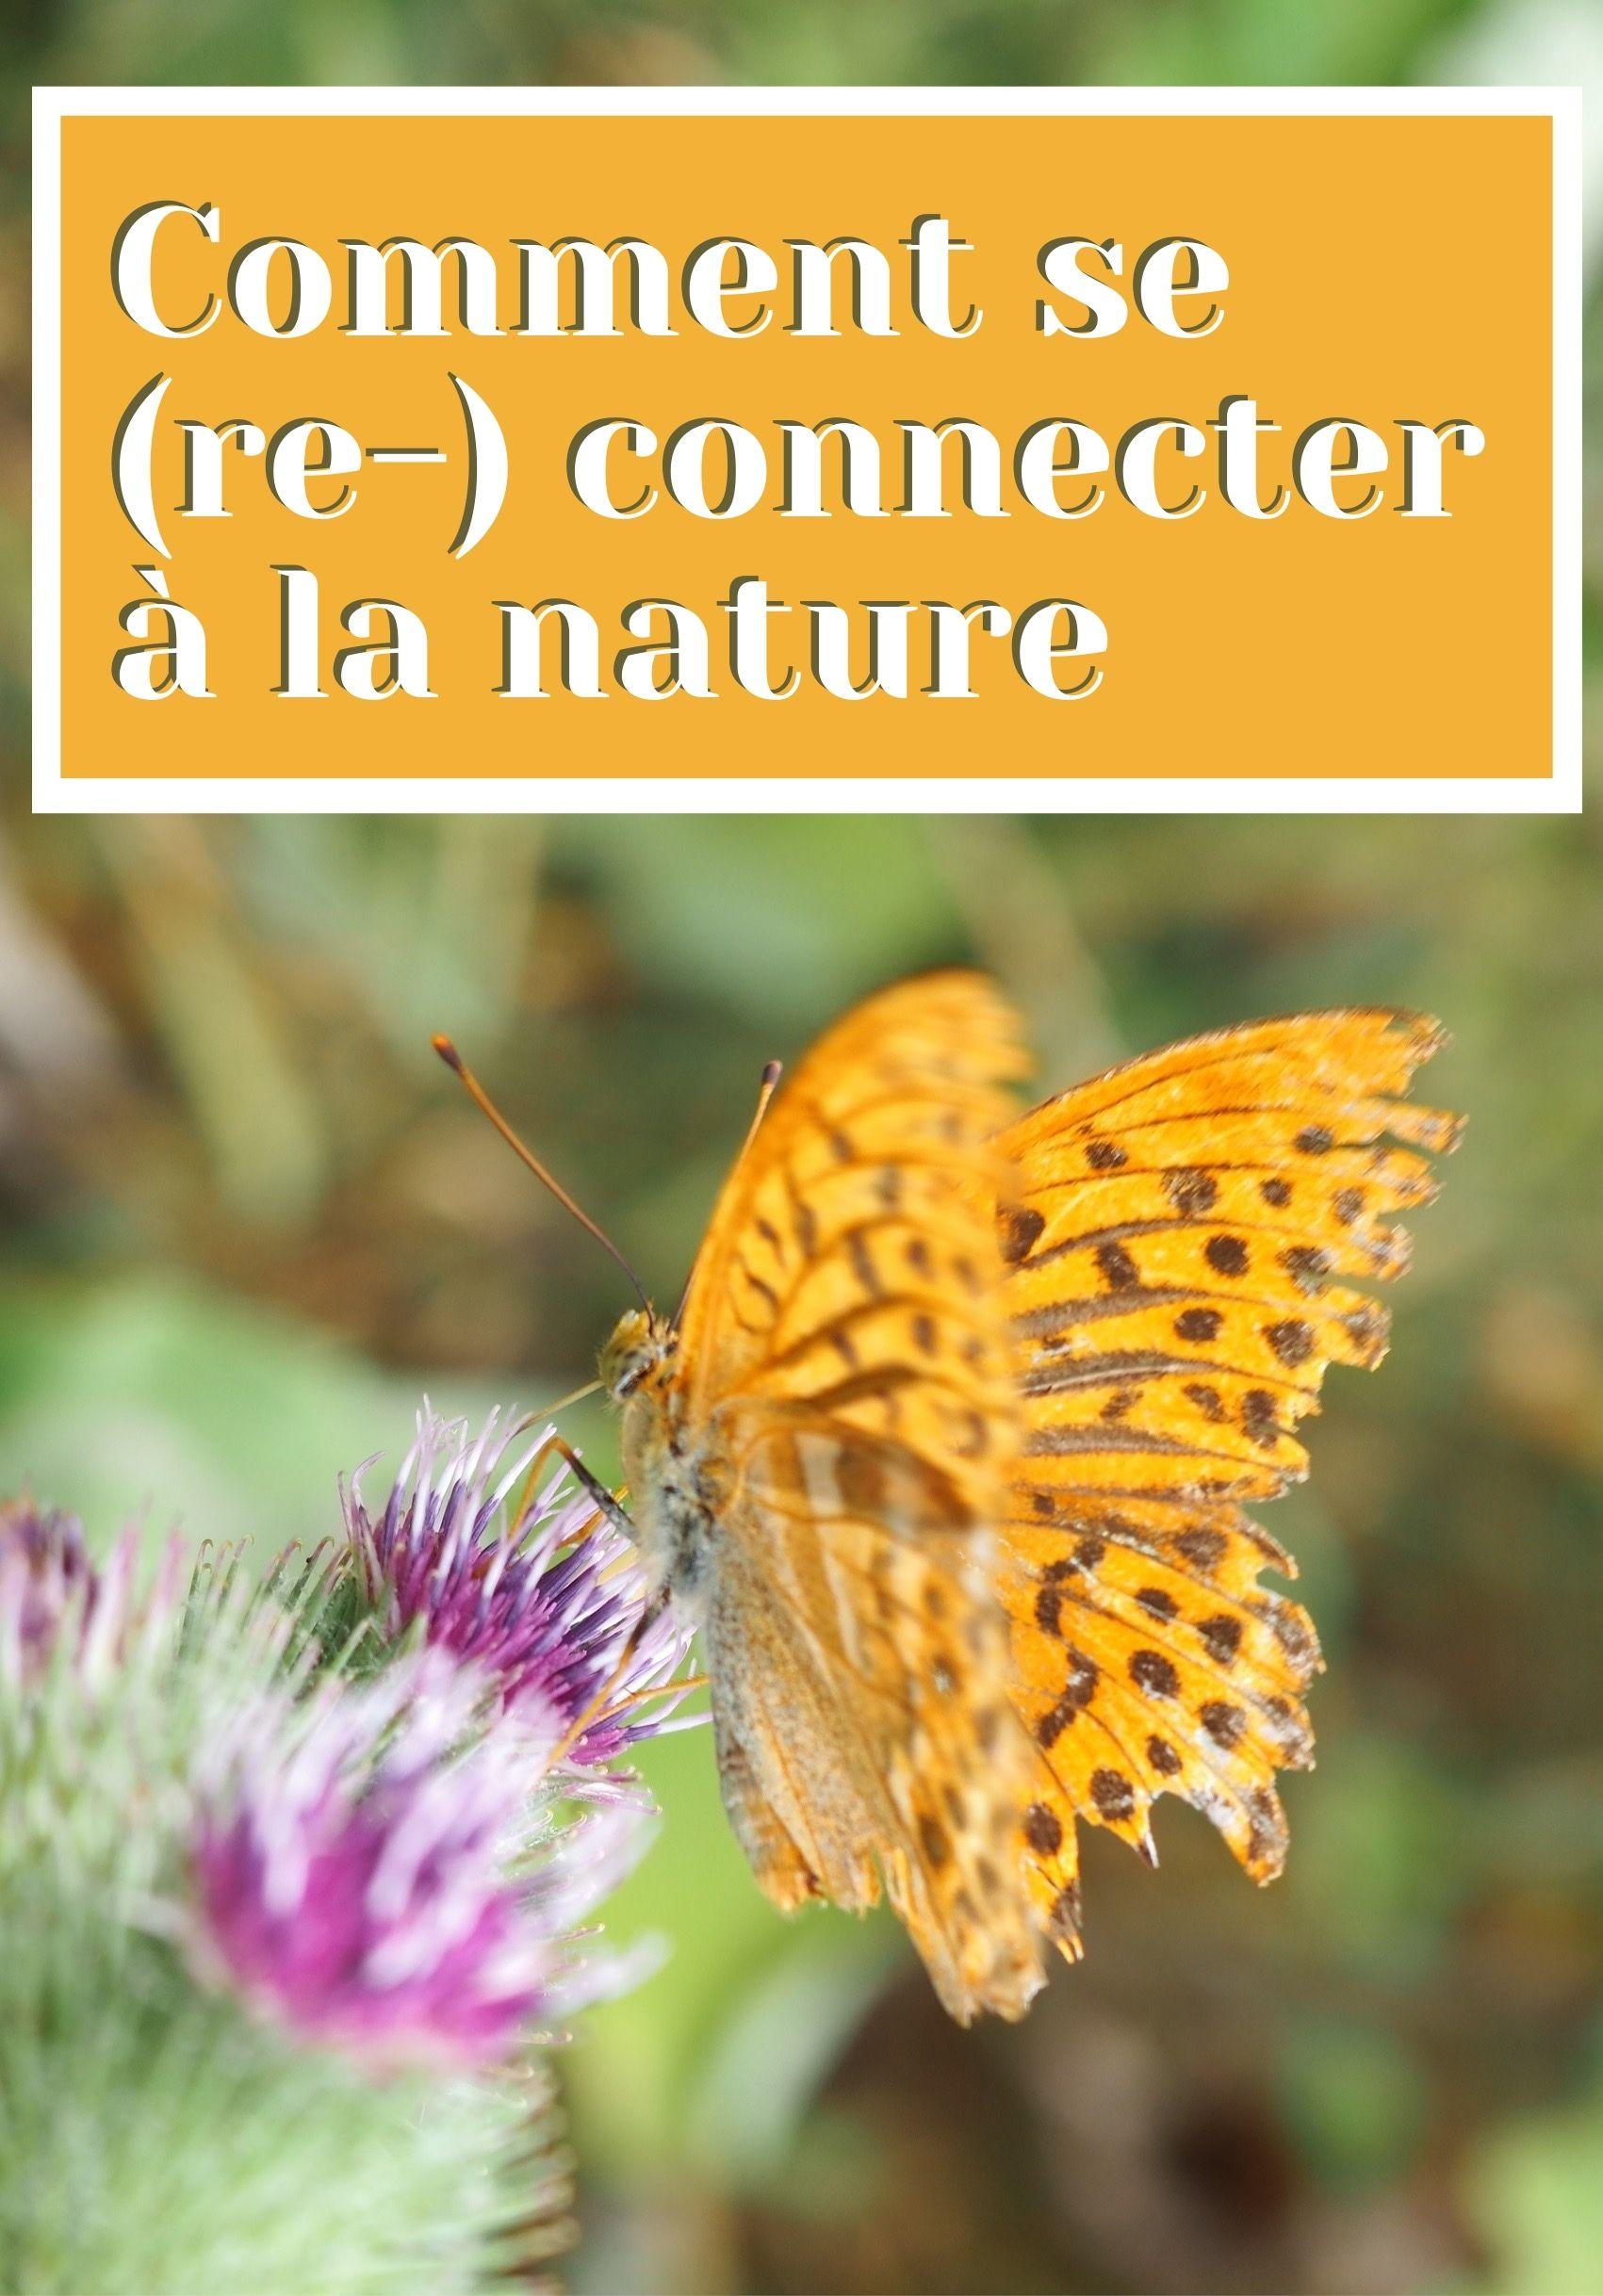 Comment se connecter à la nature au quotidien en 10 idées (et plus): balade, jardinage, bricolage, nourriture et plus encore.